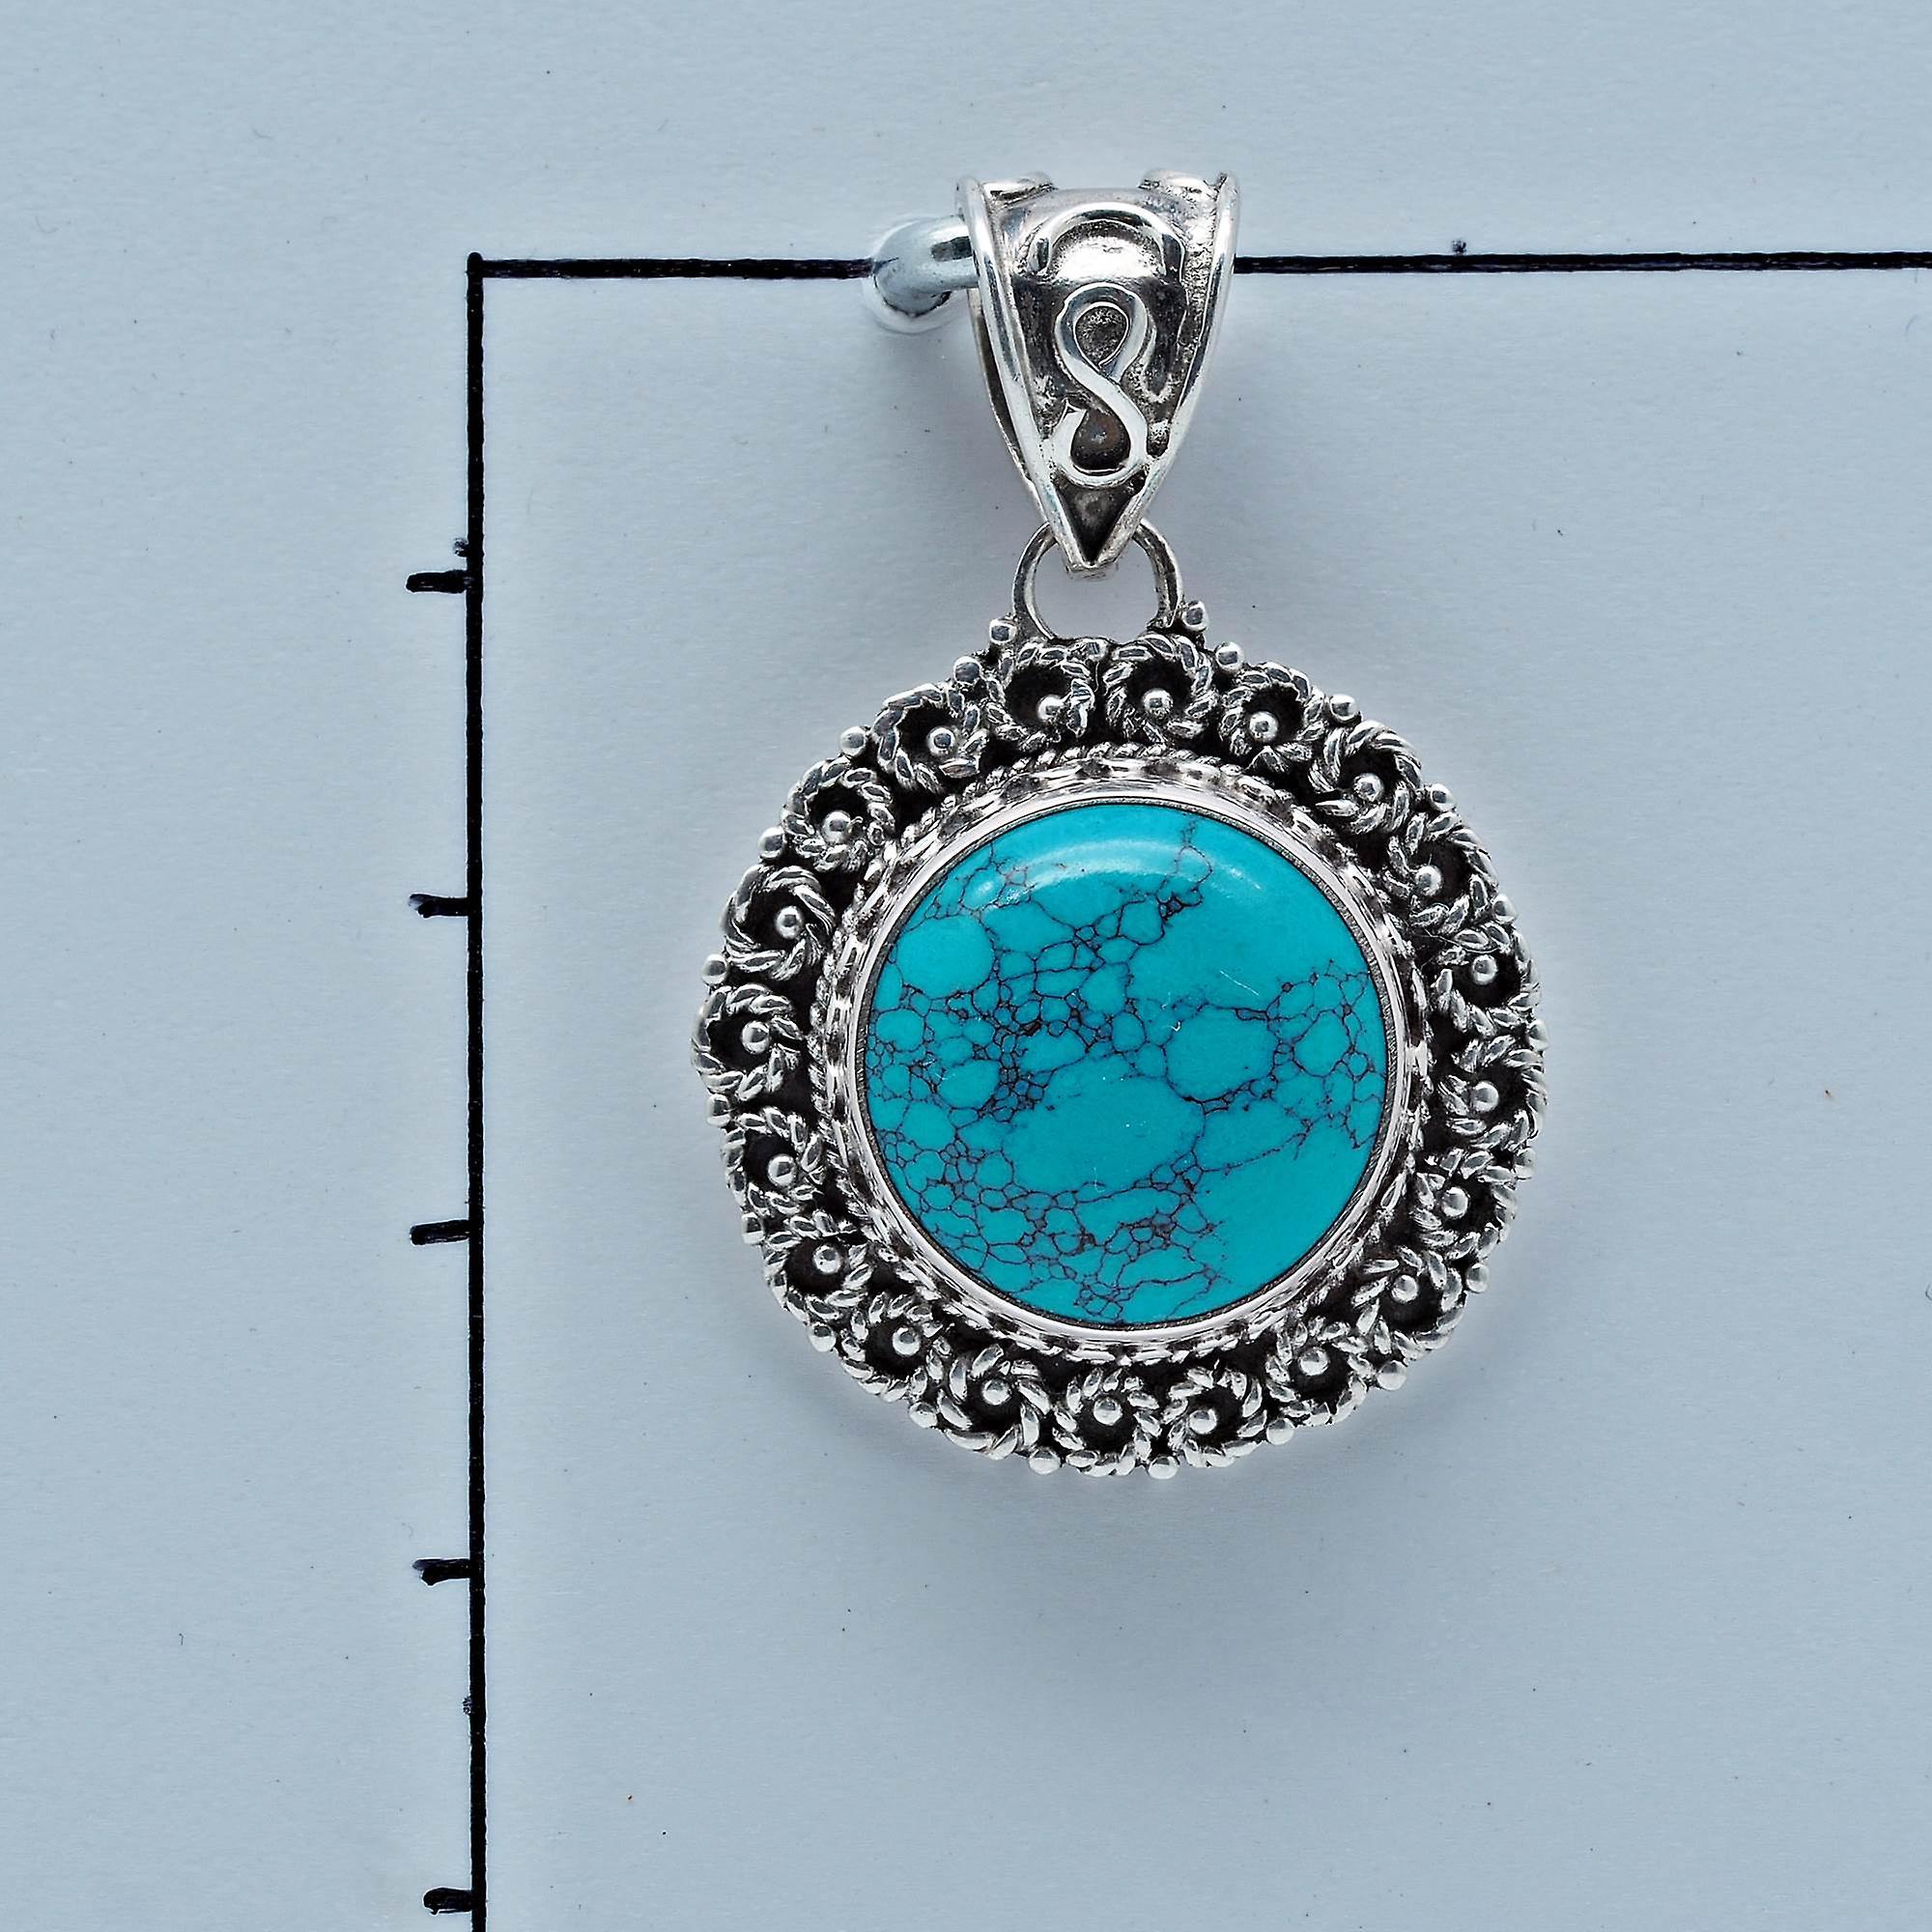 Türkis Anhänger 925 Sterlingsilber Kettenanhänger Medaillon blau grün (098)